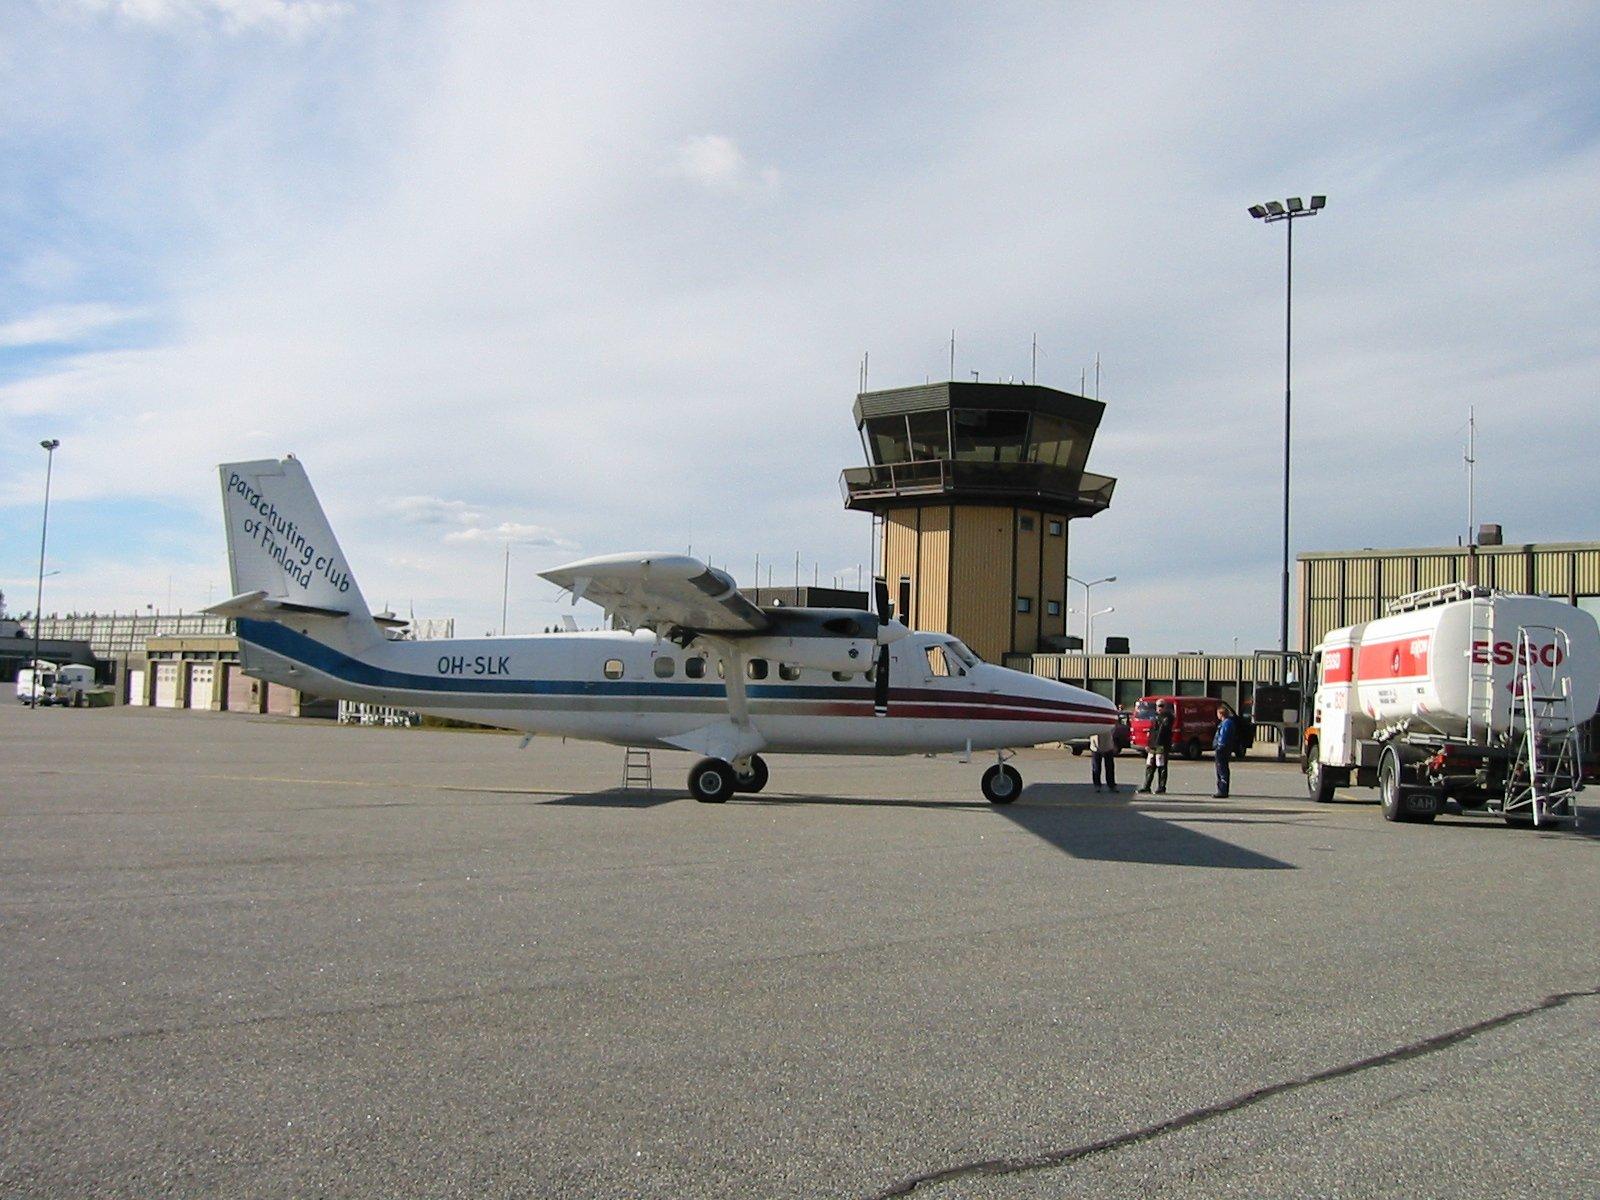 DHC-6-300 Twin Otter OH-SLK EFTP 2002-09-20